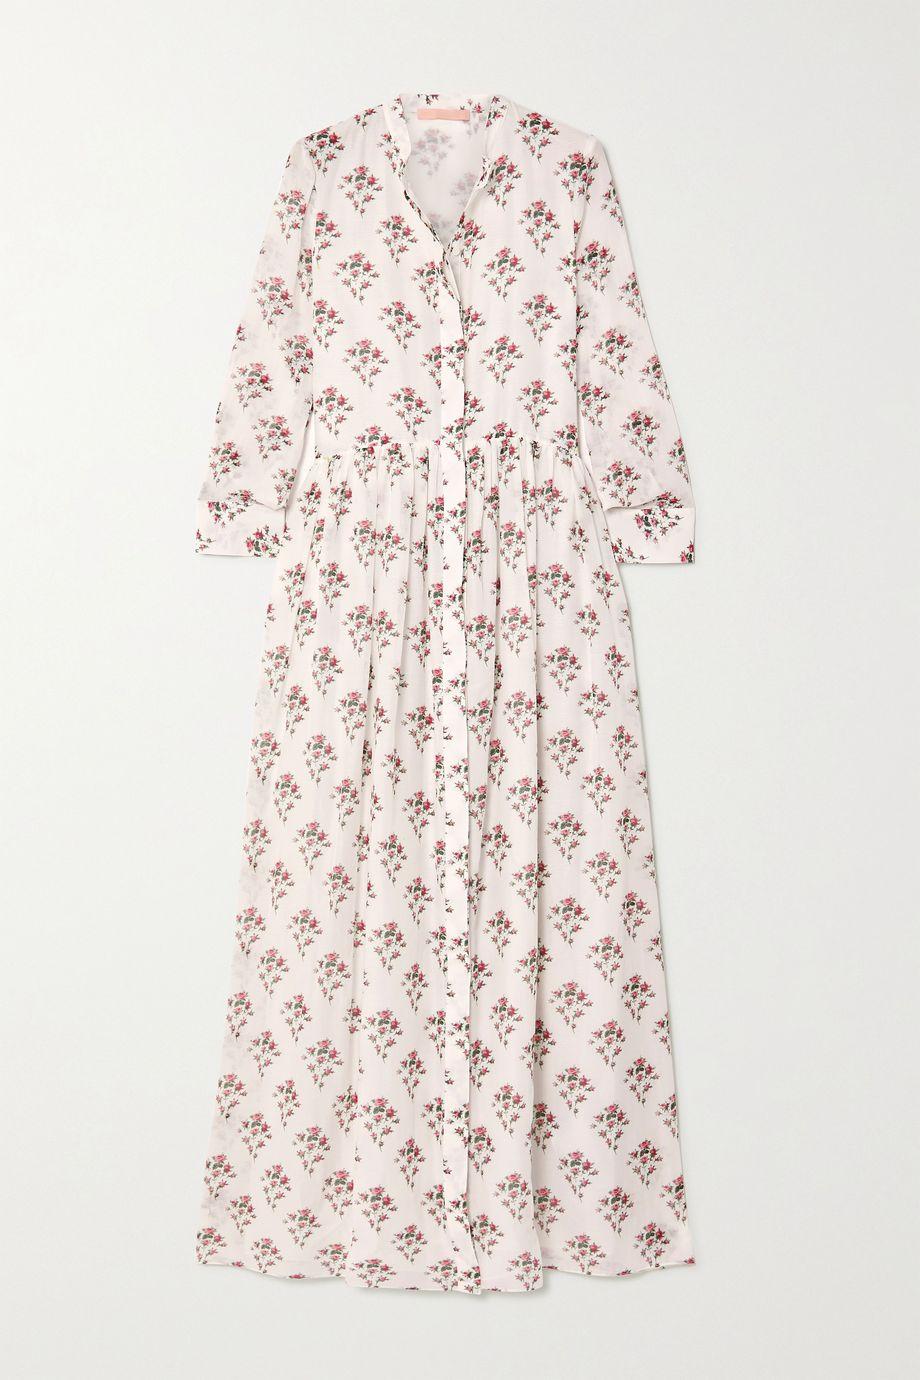 Brock Collection Maxikleid aus einer Baumwoll-Seidenmischung mit Blumenprint